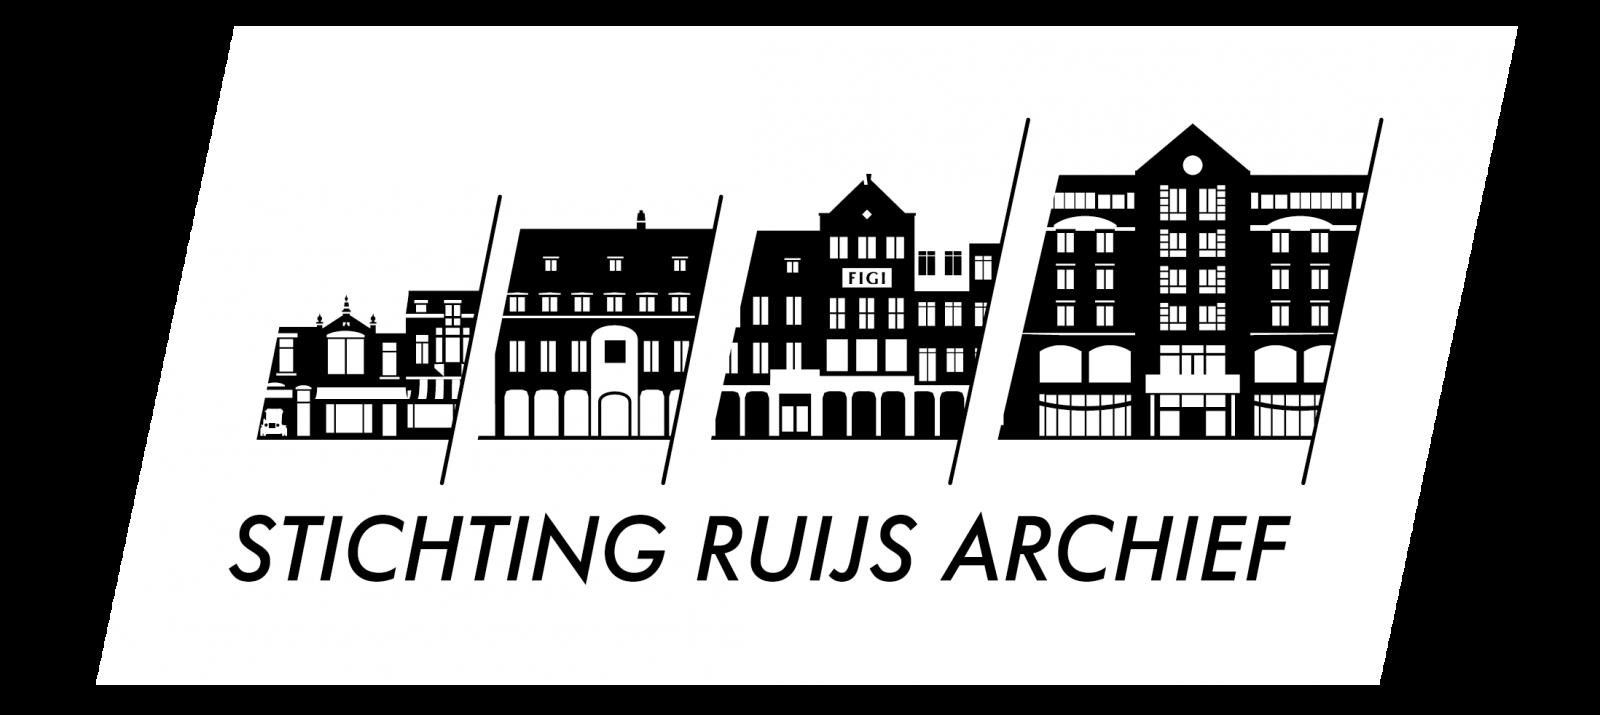 Stichting Ruijs Archief